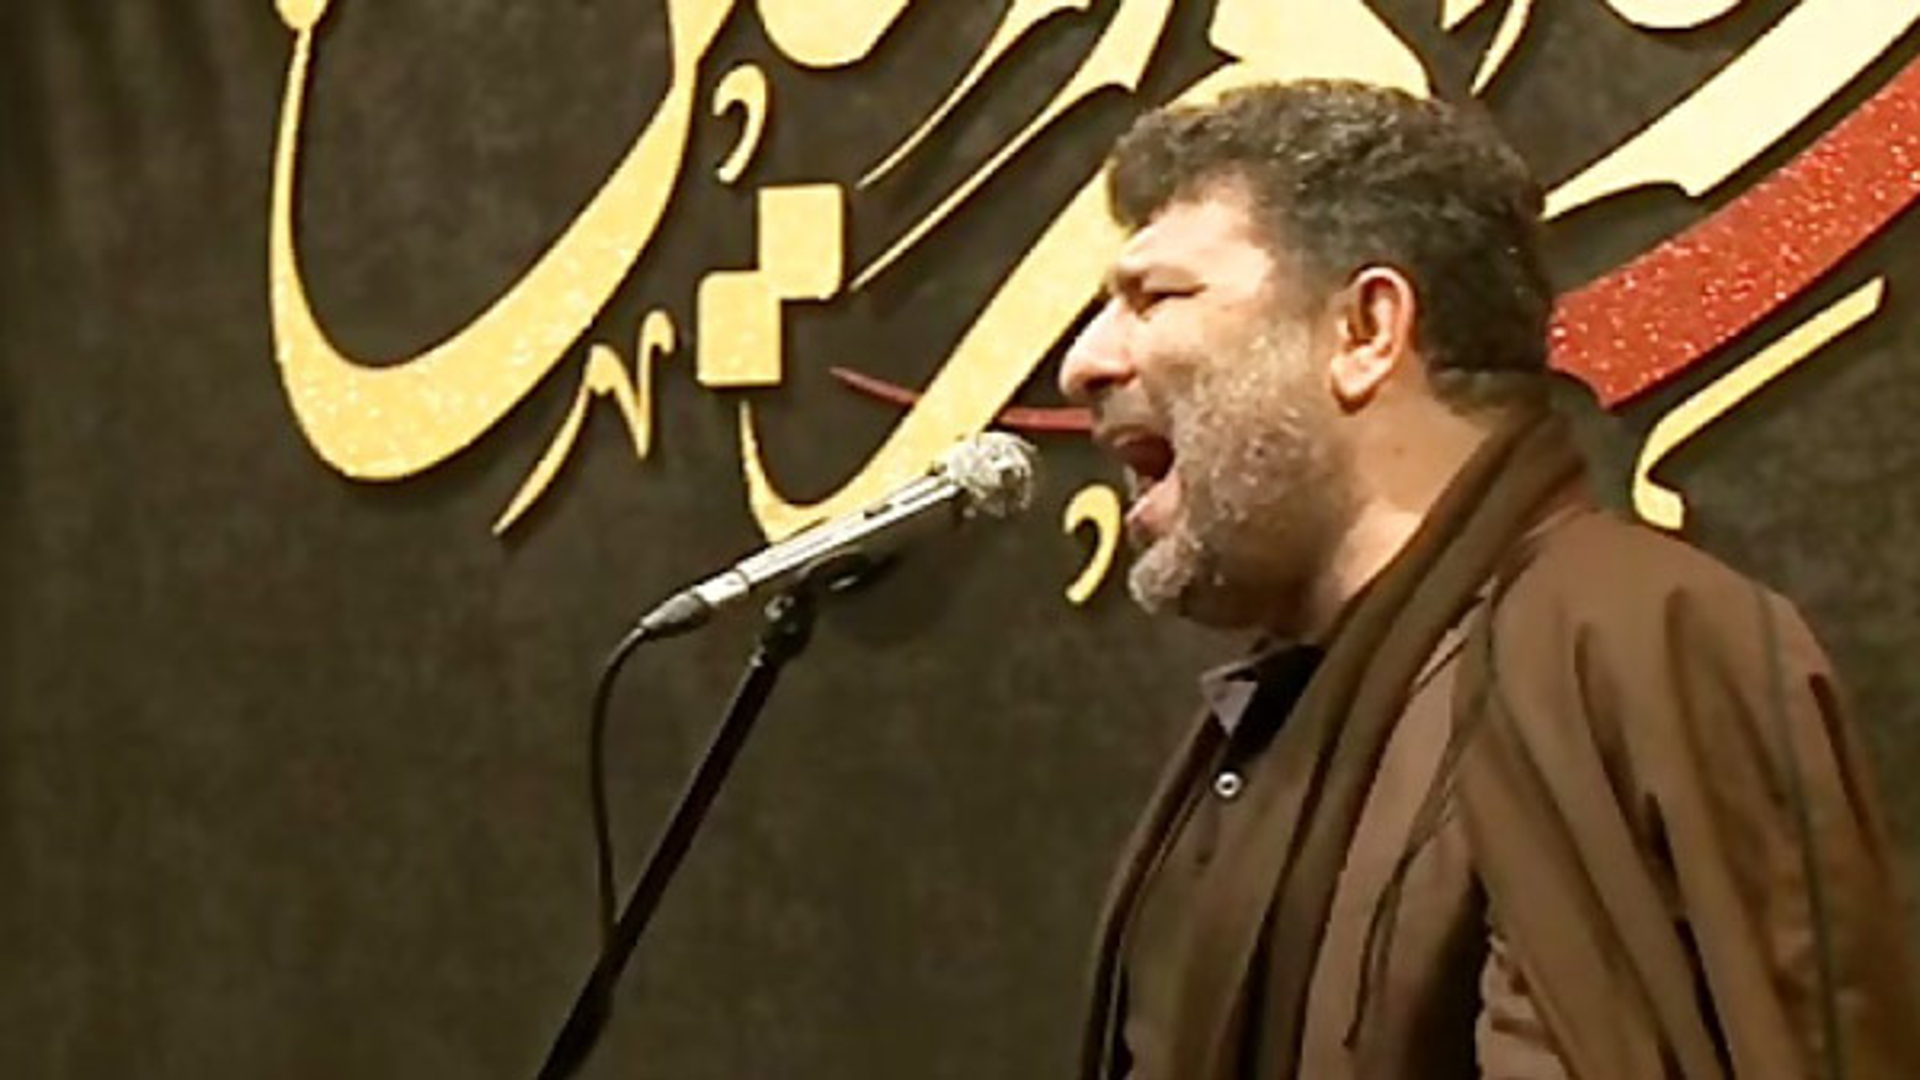 نوحه خوانی حاج سعید حدادیان در شب پنجم محرم + فیلم